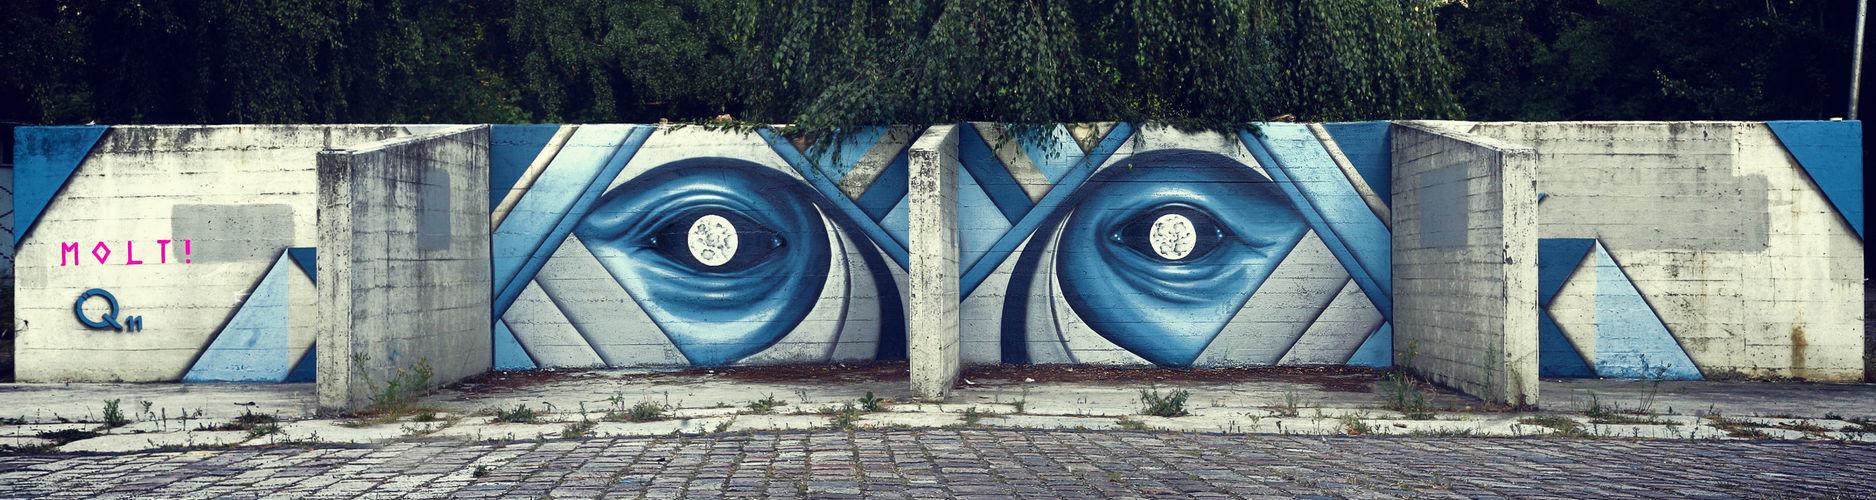 Œuvre Par Miguel Lomott à Berlin